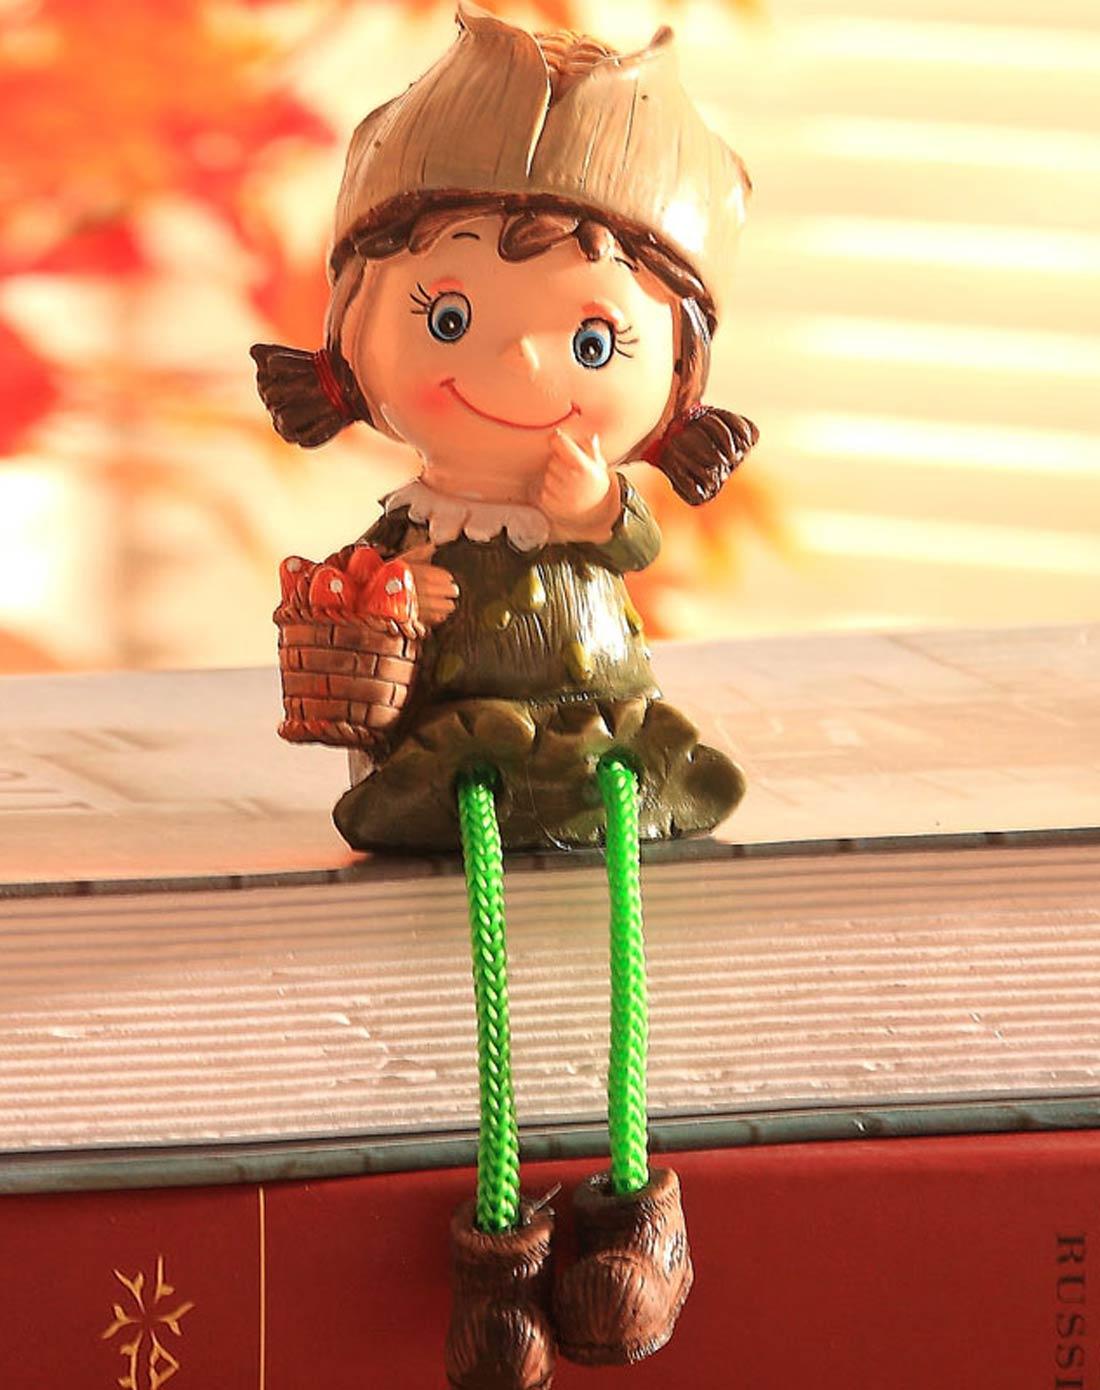 卡通树脂家居工艺摆件吊脚娃娃-玉米娃娃